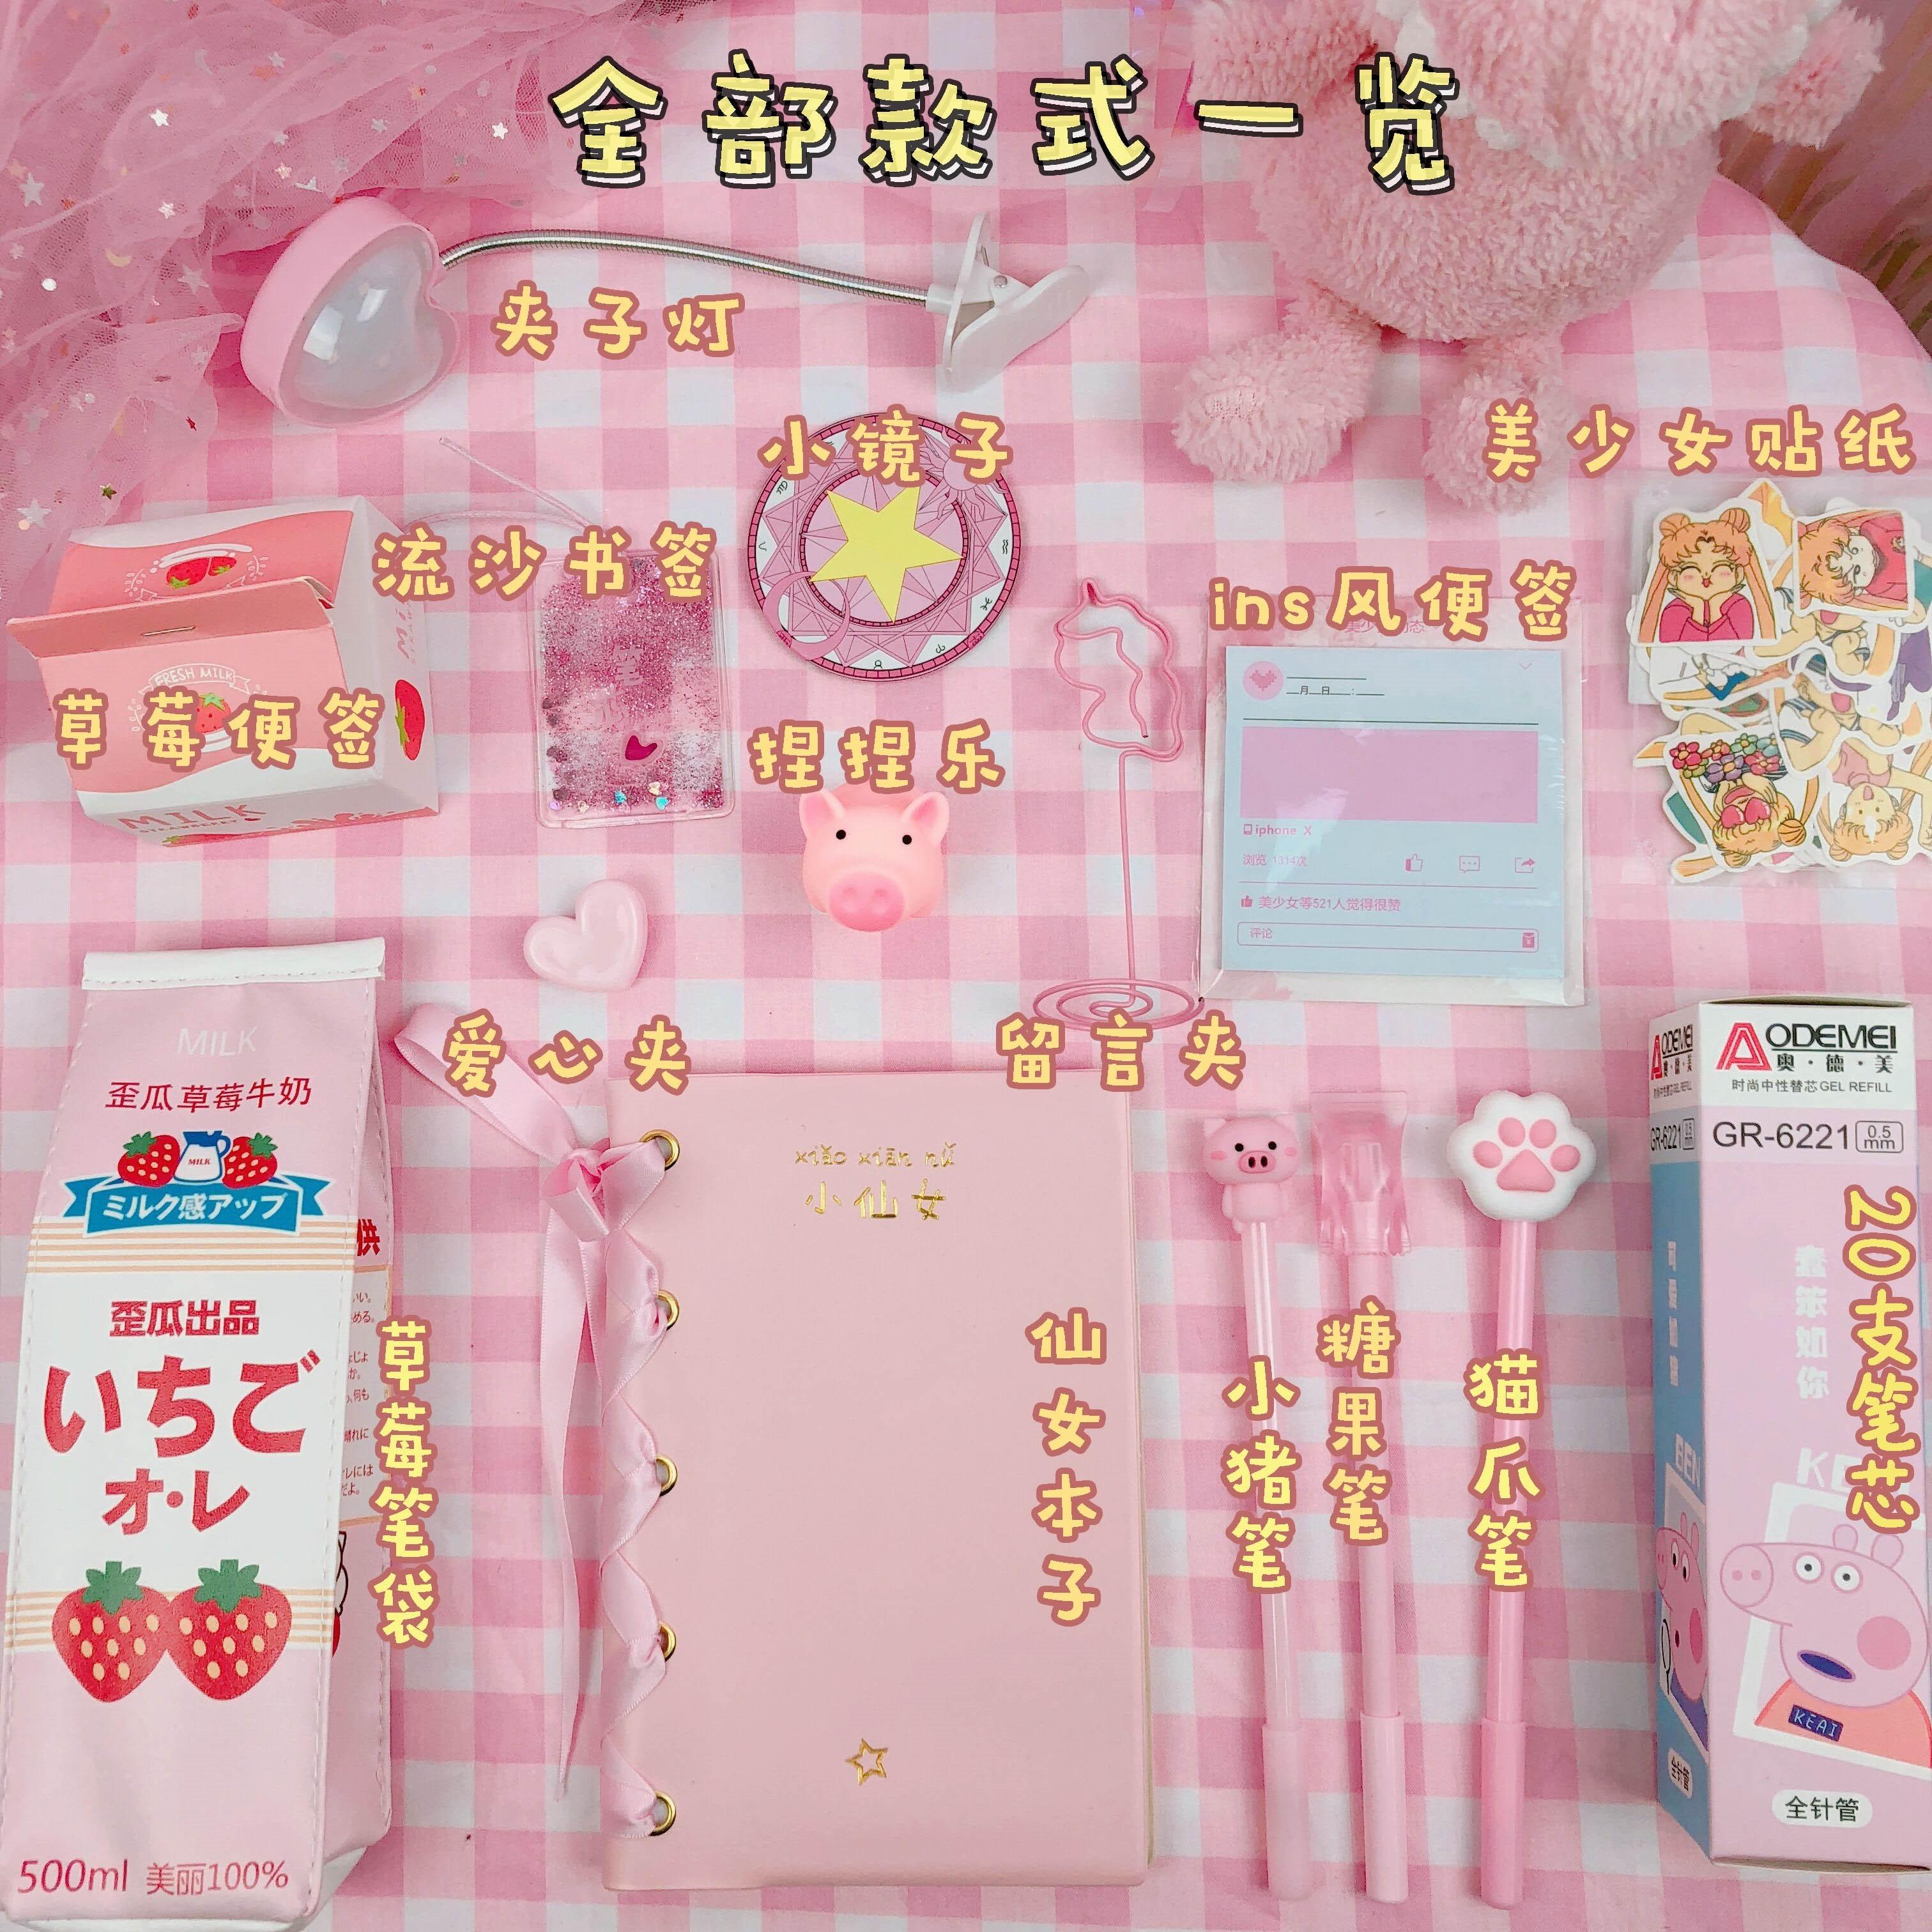 粉色少女心学习用品梦幻可爱创意文具手账笔套装礼盒中学生日礼物